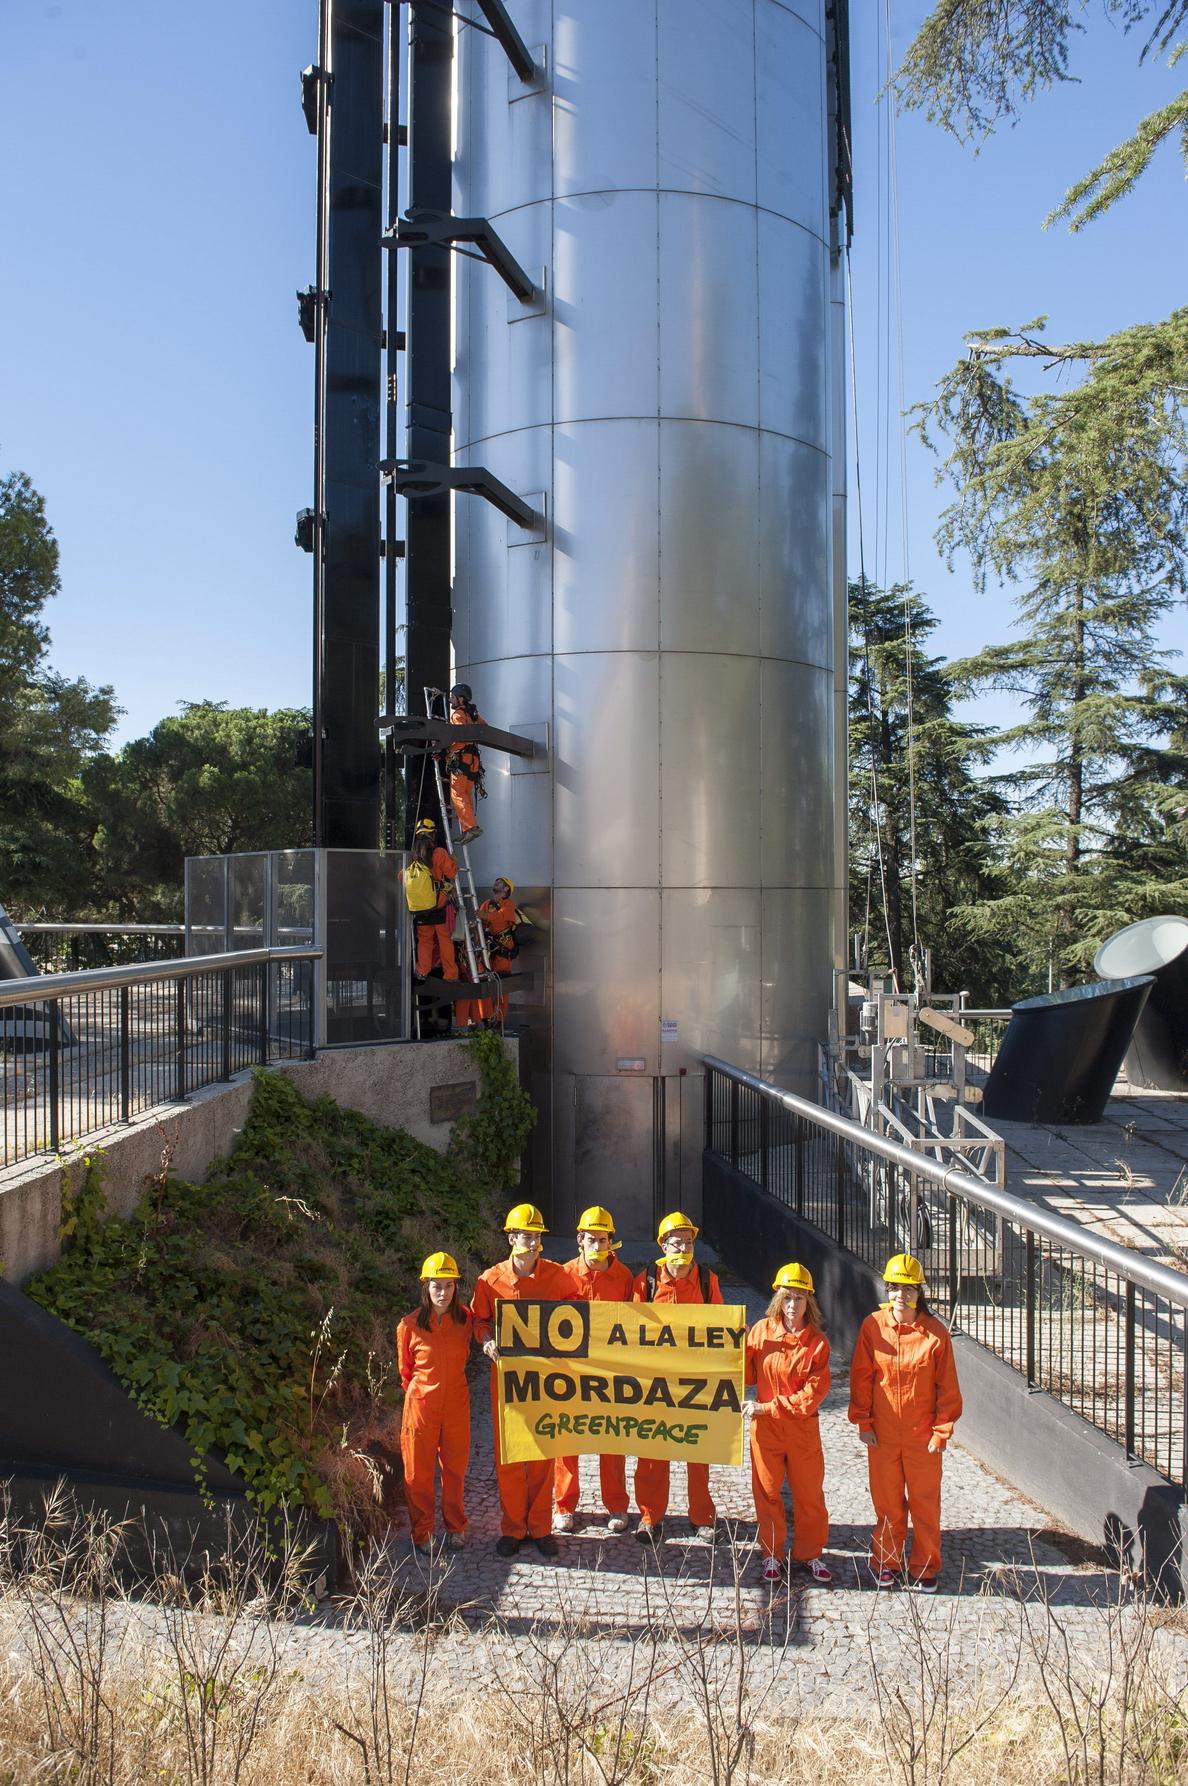 Activistas de Greenpeace escalan el faro de Moncloa contra la Ley de Seguridad